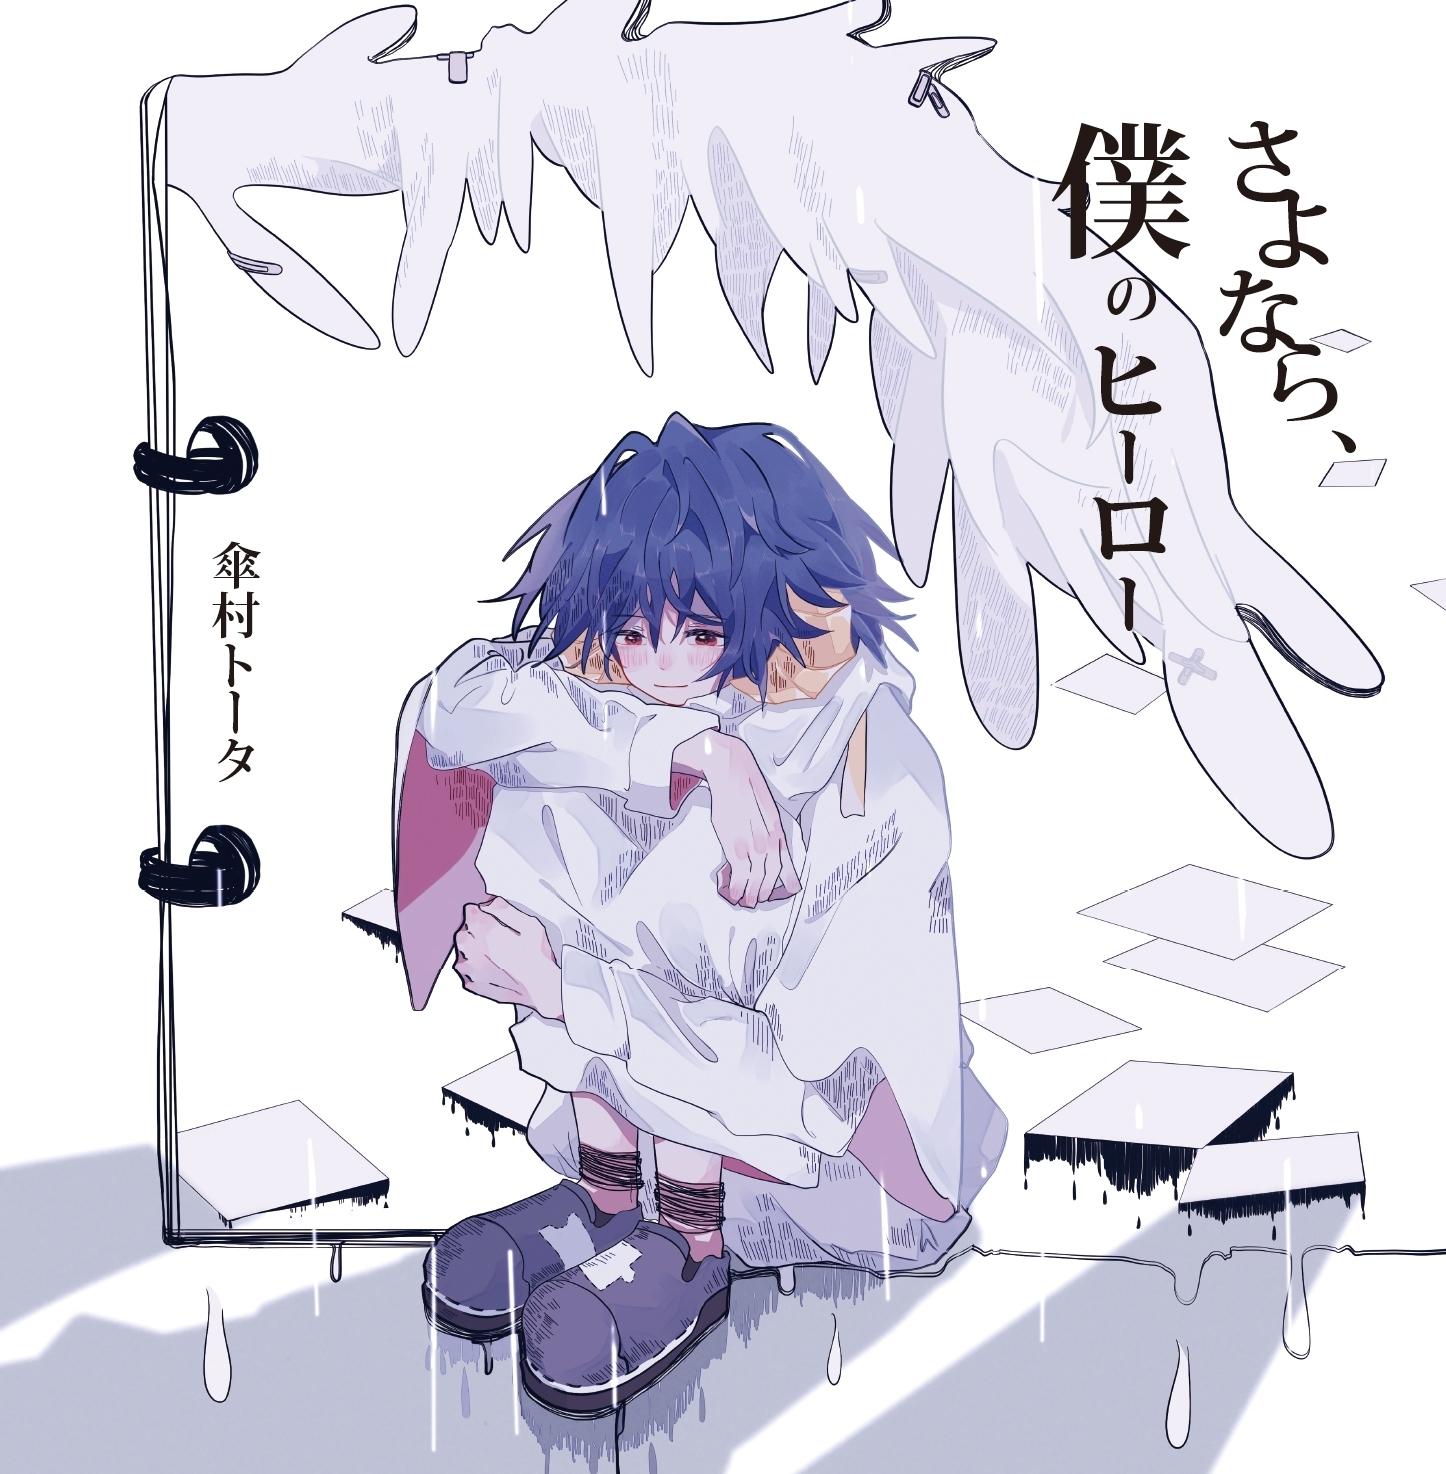 さよなら、僕のヒーロー (Sayonara, Boku no Hero) (album)